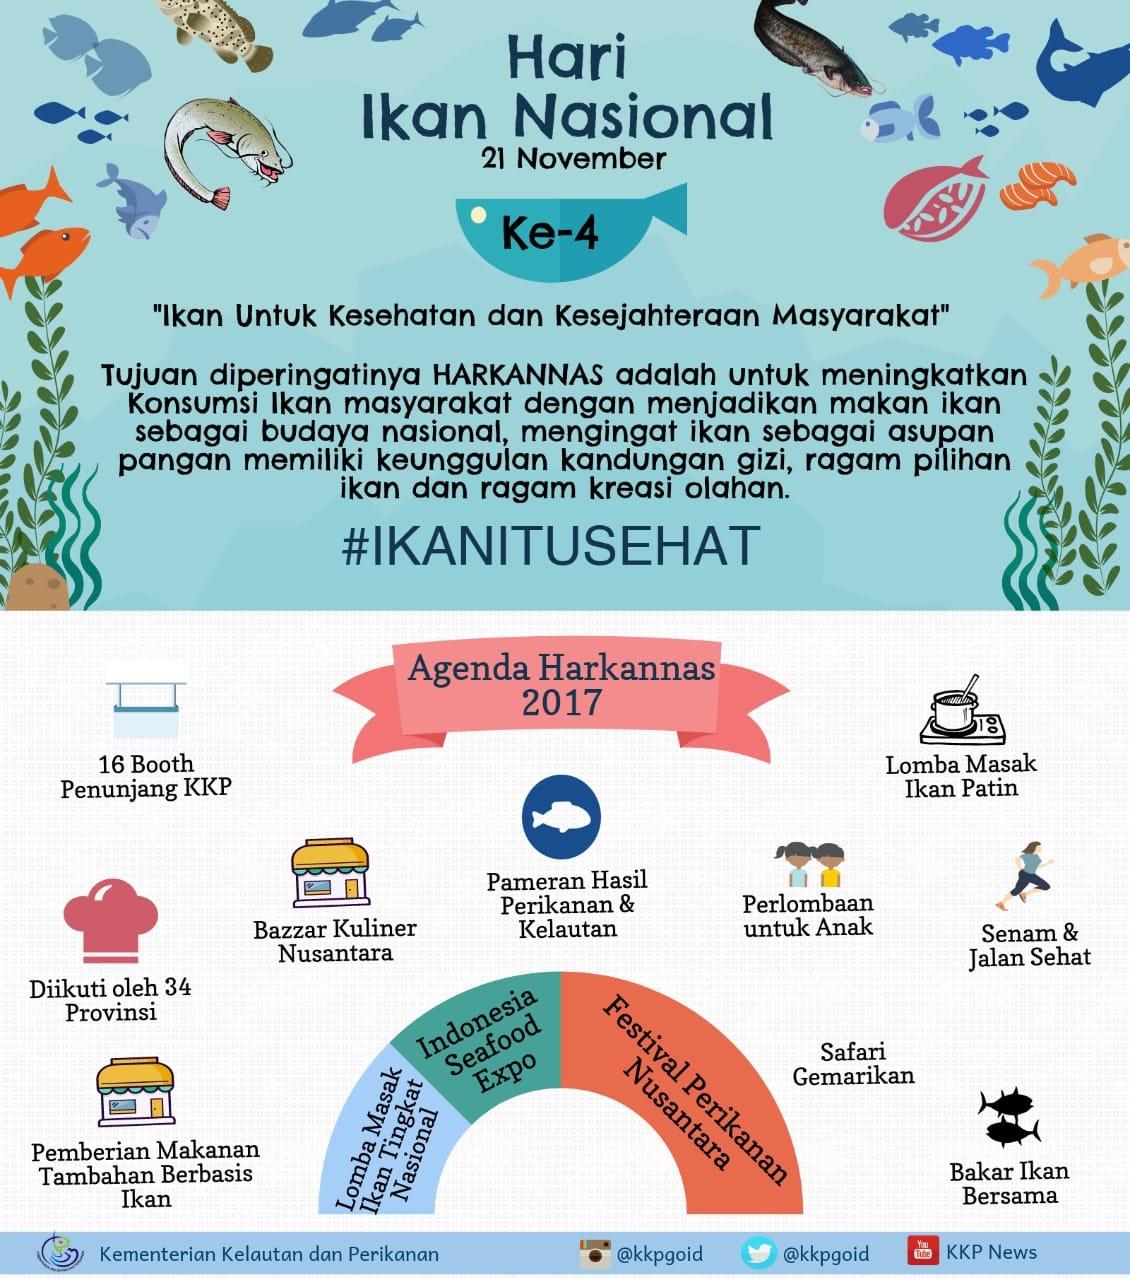 """Hari Ikan Nasional ke-4 Tahun 2017 : """"Ikan Untuk Kesehatan dan Kesejahteraan Masyarakat"""